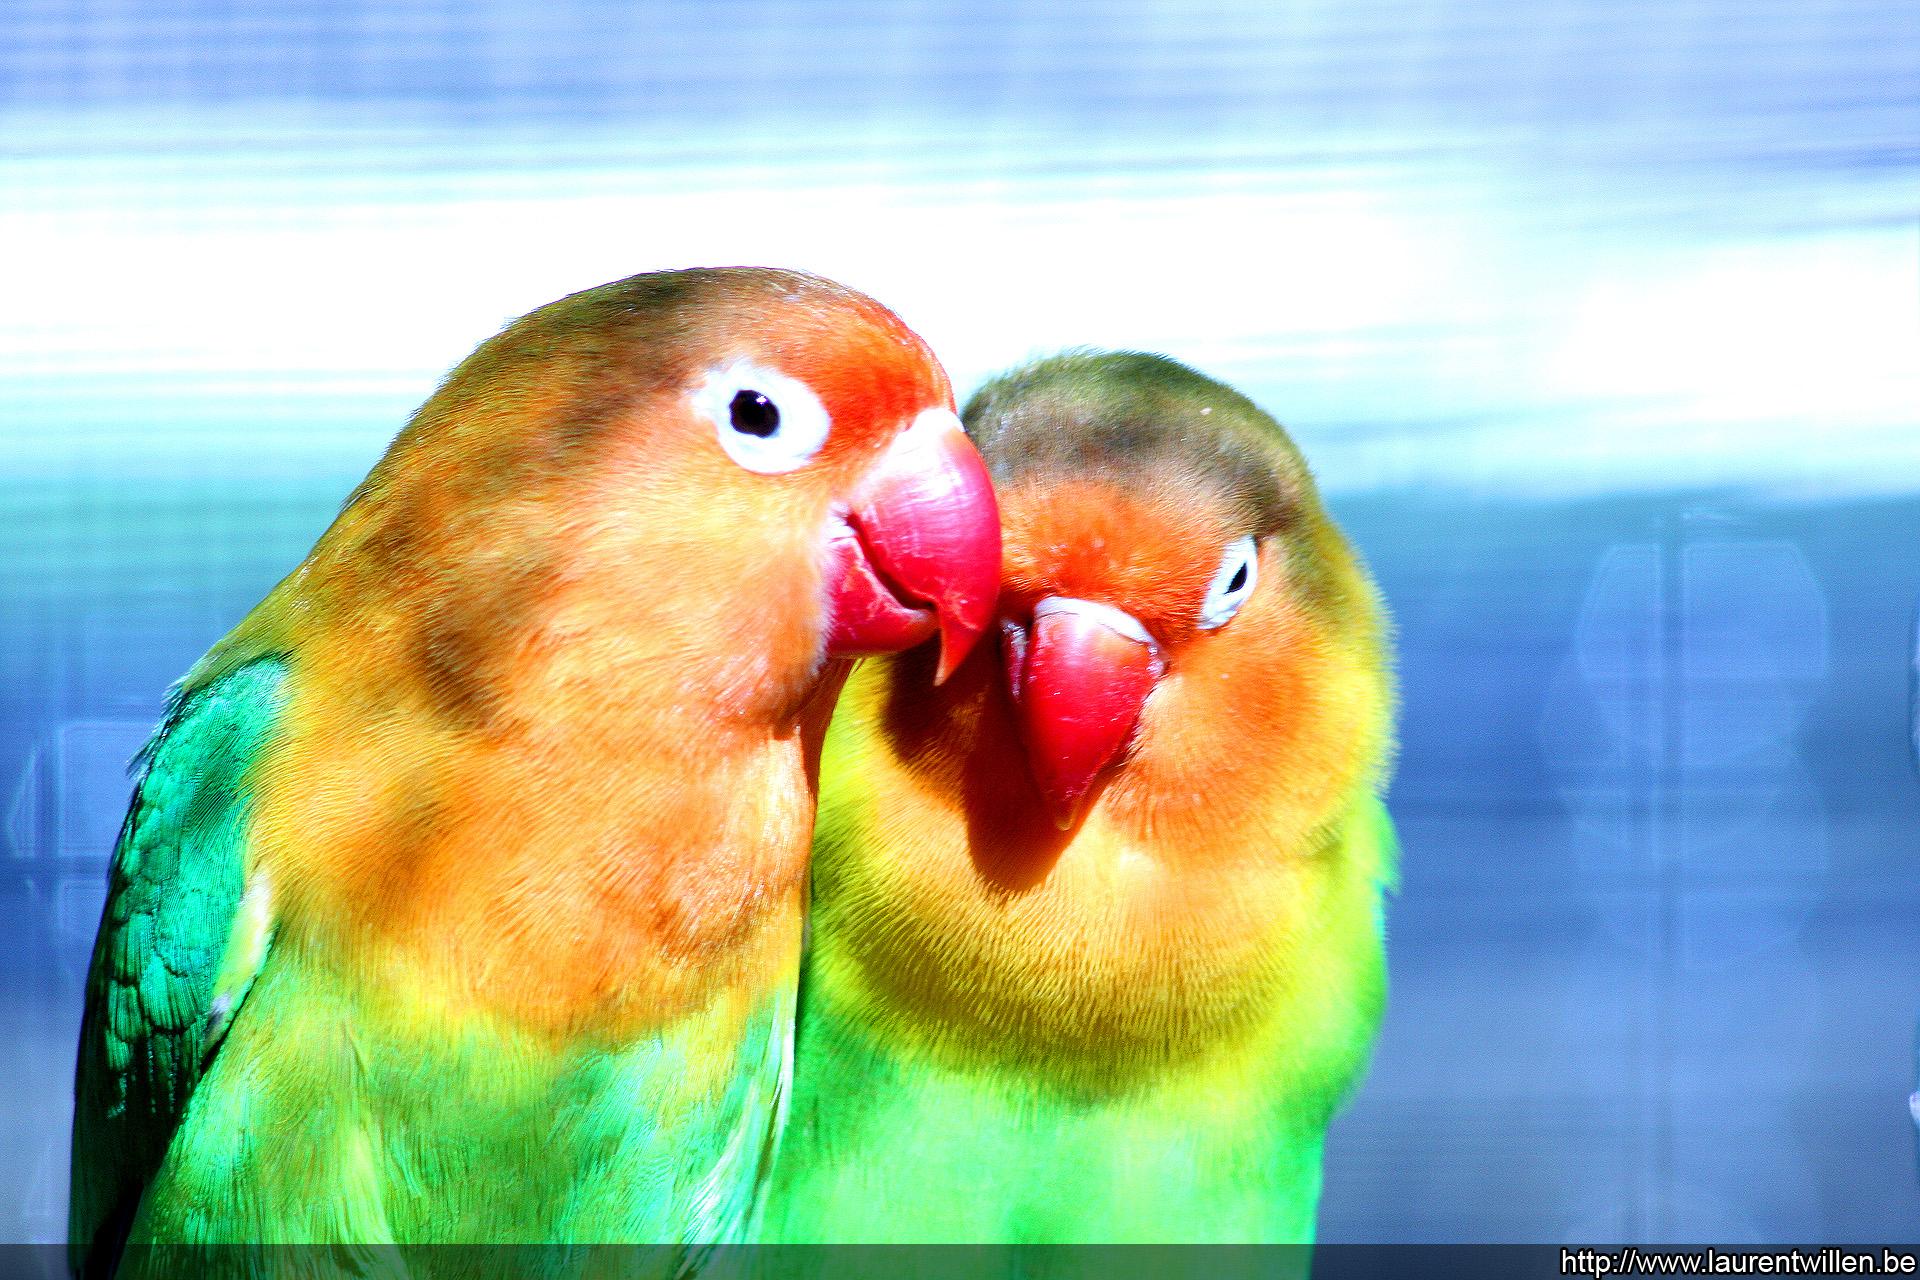 Fonds D'écran Gratuits: Oiseaux Exotiques concernant Images D Oiseaux Gratuites